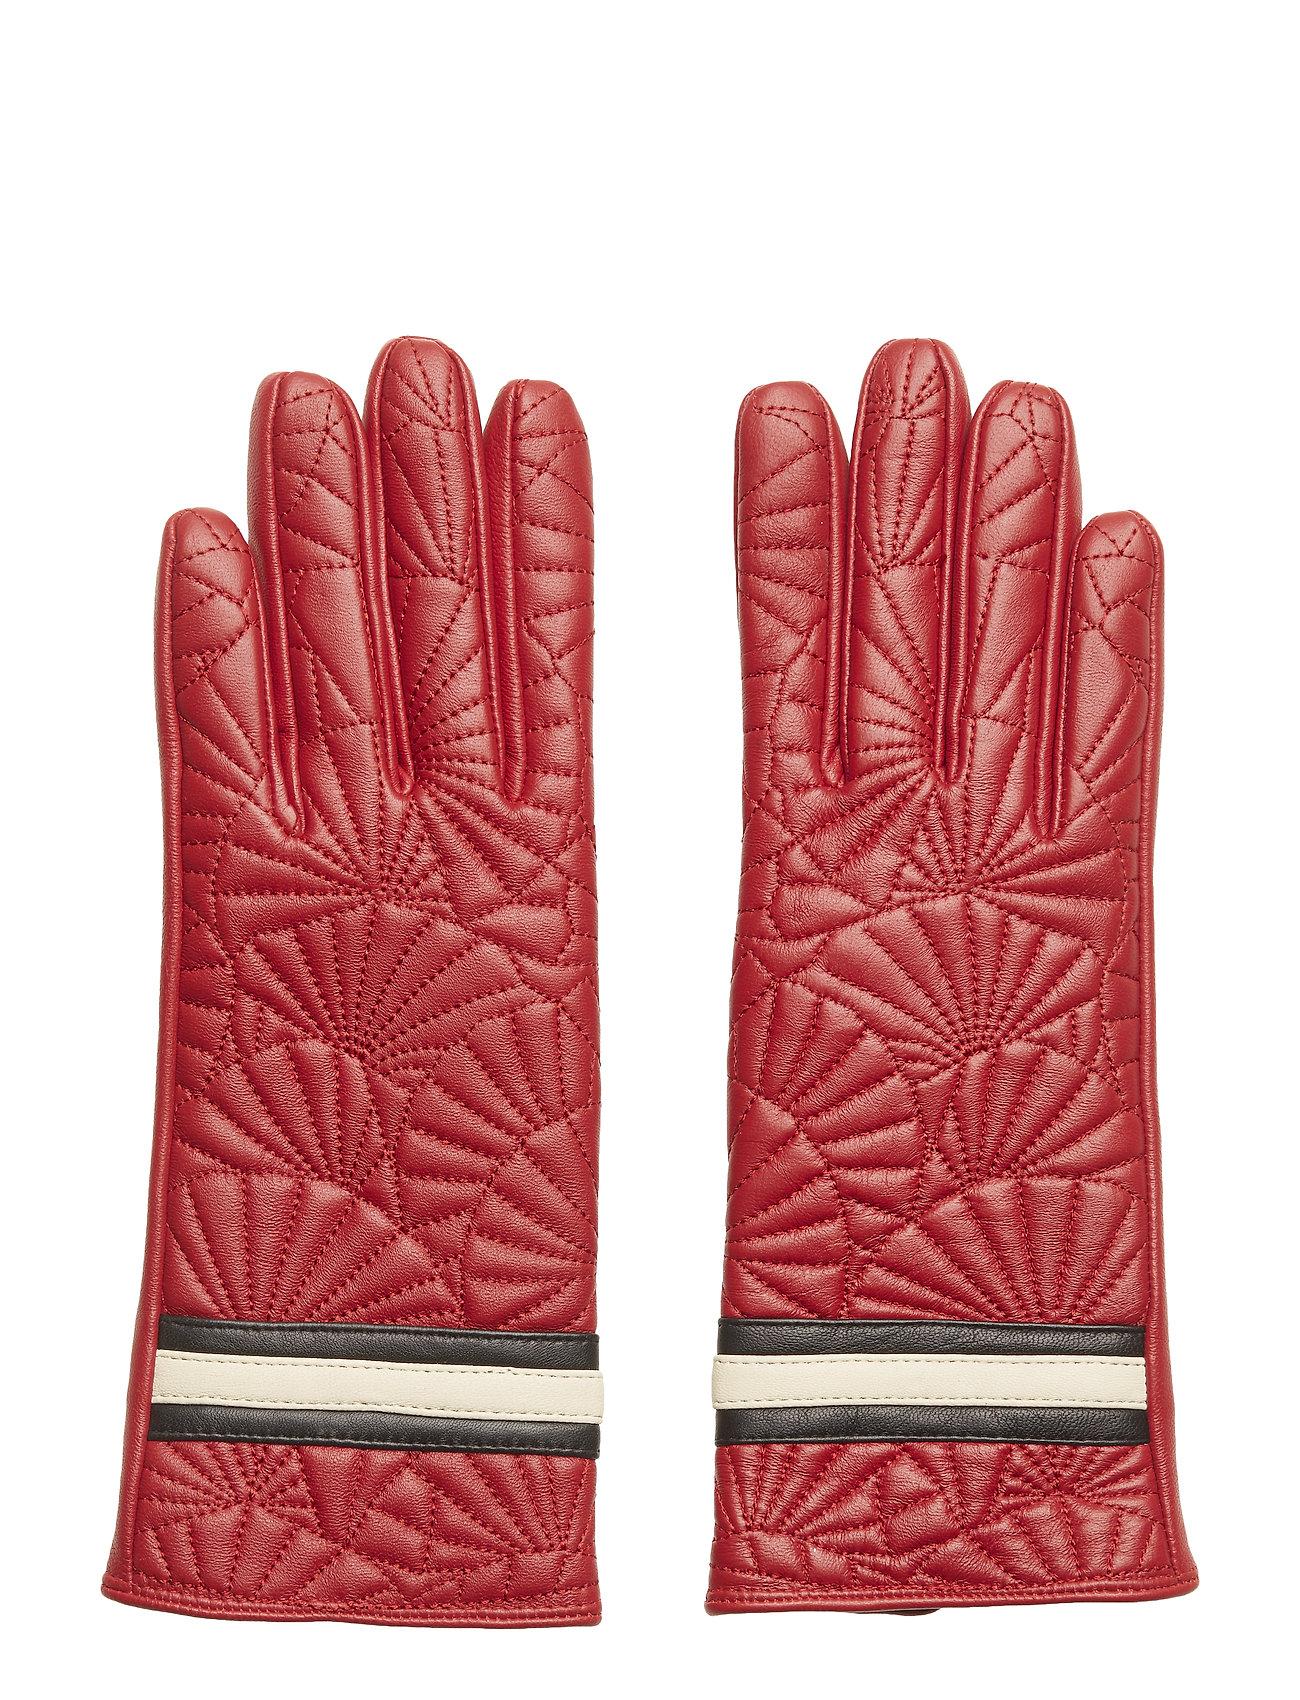 UNMADE Copenhagen Benedicte Glove